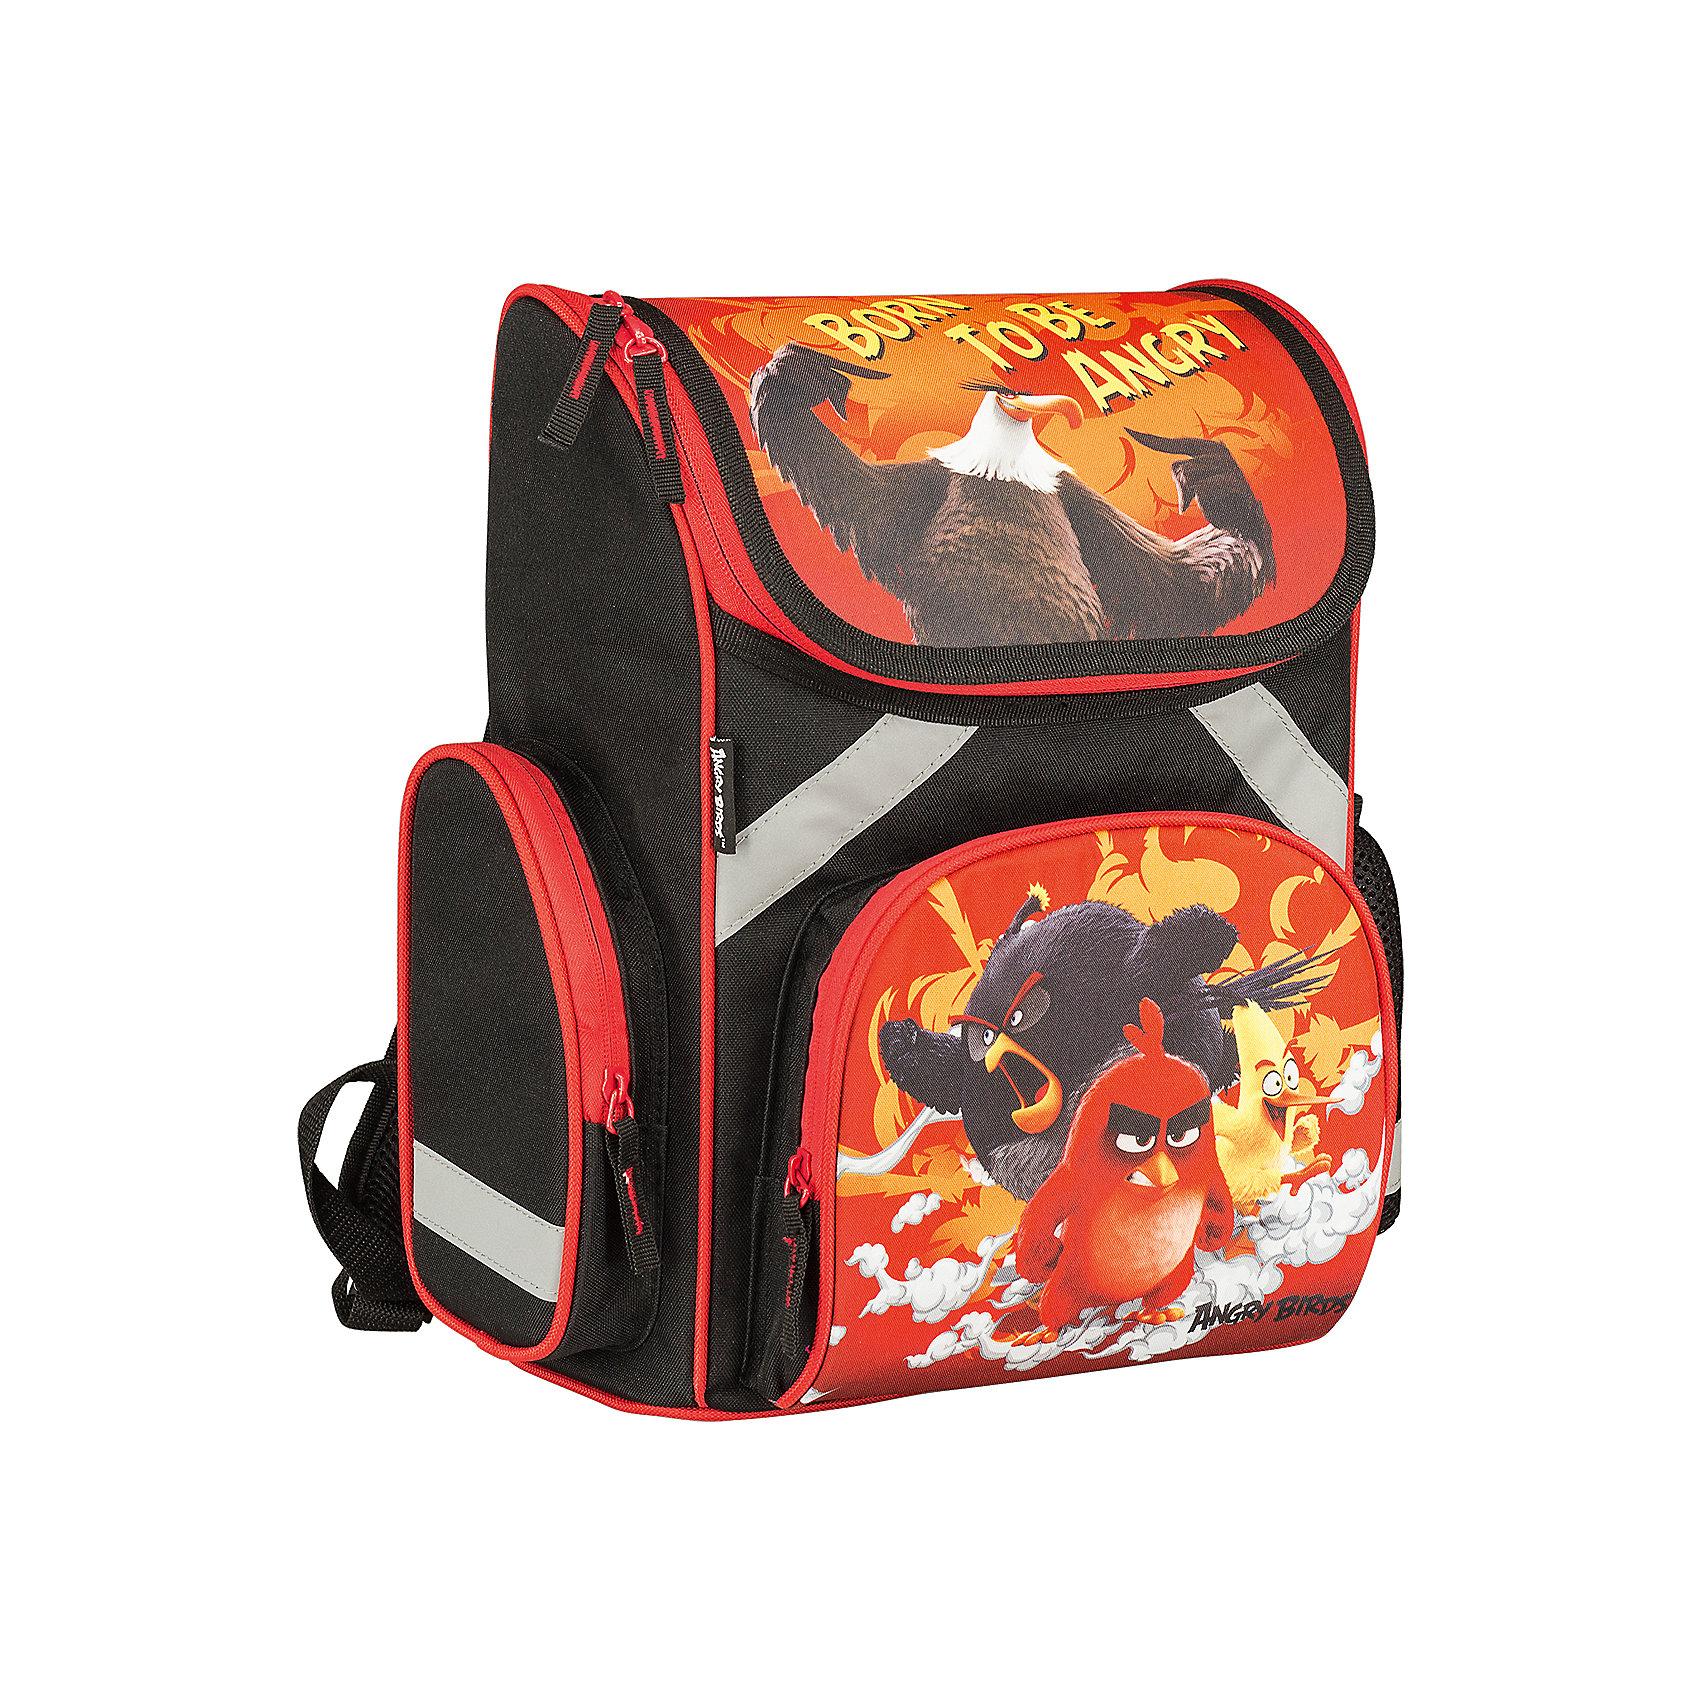 Школьный рюкзак Angry BirdsAngry Birds<br>Рюкзак Angry Birds - прекрасный вариант для школьных занятий. Рюкзак изготовлен из прочного полиэстера и имеет оригинальный дизайн по мотивам нового мультфильма про популярных птичек Angry Birds. Эргономичная спинка выполнена в виде накладок анатомической формы из<br>нескольких слоев вспененных синтетических материалов и обтянута воздухообменной сеткой. Спинка и боковые панели усилены пластиком, дно из прочного непромокаемого материала поможет сохранить вещи в порядке и чистоте. Широкие анатомические лямки, регулируемые по<br>длине, равномерно распределяют нагрузку на плечевой пояс. Также есть удобная прорезиненная ручка, за которую можно нести рюкзак. <br><br>Рюкзак закрывается на застежку-молнию, внутри одно просторное вместительное отделение с двумя разделителями. На лицевой стороне рюкзака расположен большой накладной карман, закрывающийся на молнию, также имеются карманы по бокам рюкзака (сетчатый и на молнии).<br>Светоотражающие вставки повышают безопасность ребенка на дороге.<br><br><br>Дополнительная информация:<br><br>- Материал: полиэстер.  <br>- Размер: 35 х 26,5 х 13 см.<br>- Вес: 0,99 кг.<br><br>Рюкзак, Angry Birds, можно купить в нашем интернет-магазине.<br><br>Ширина мм: 265<br>Глубина мм: 130<br>Высота мм: 350<br>Вес г: 990<br>Возраст от месяцев: 96<br>Возраст до месяцев: 108<br>Пол: Мужской<br>Возраст: Детский<br>SKU: 4681155